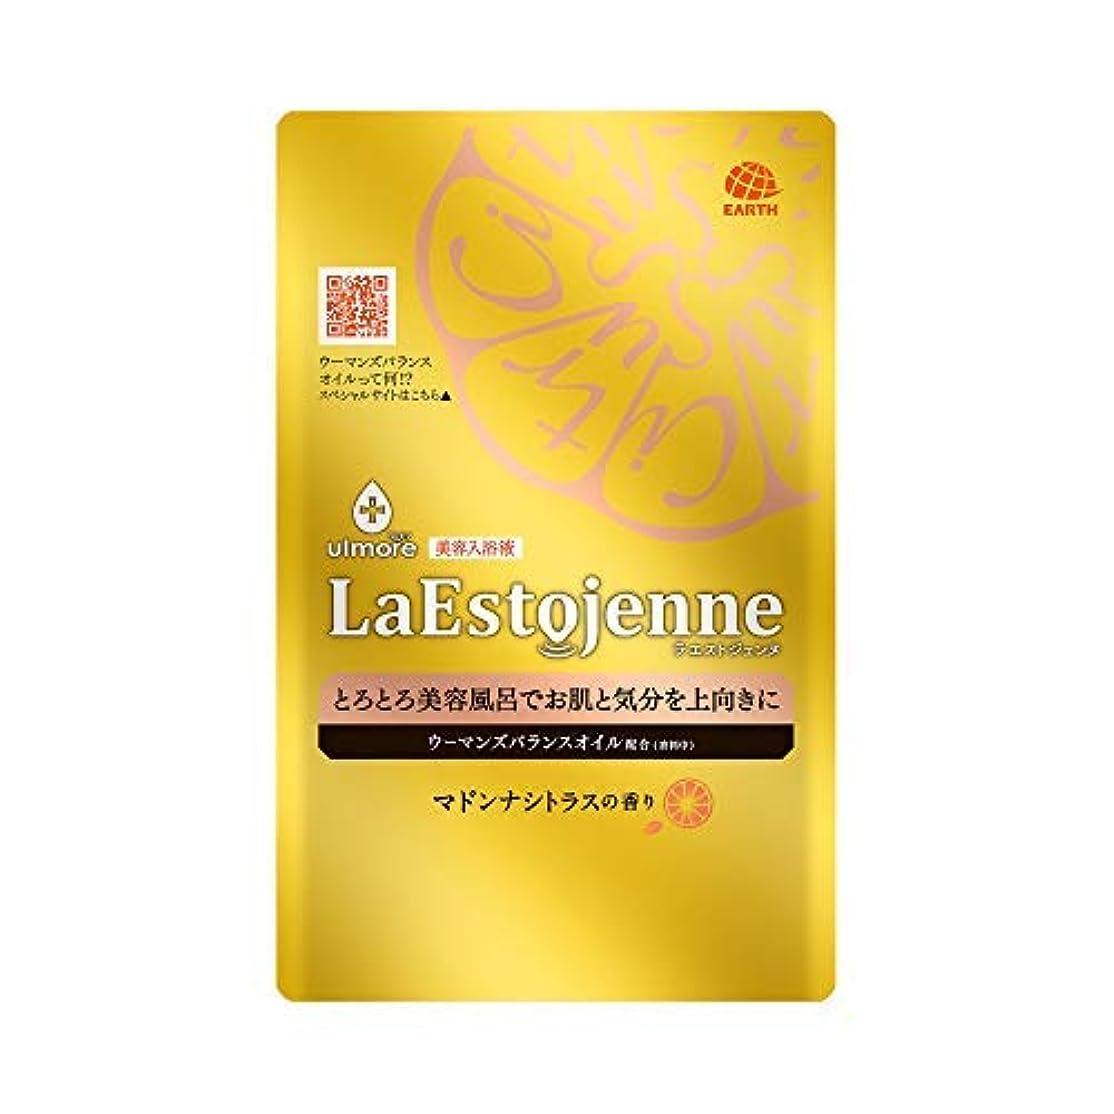 敬の念契約したブローホールウルモア ラエストジェンヌ マドンナシトラスの香り 1包 × 3個セット